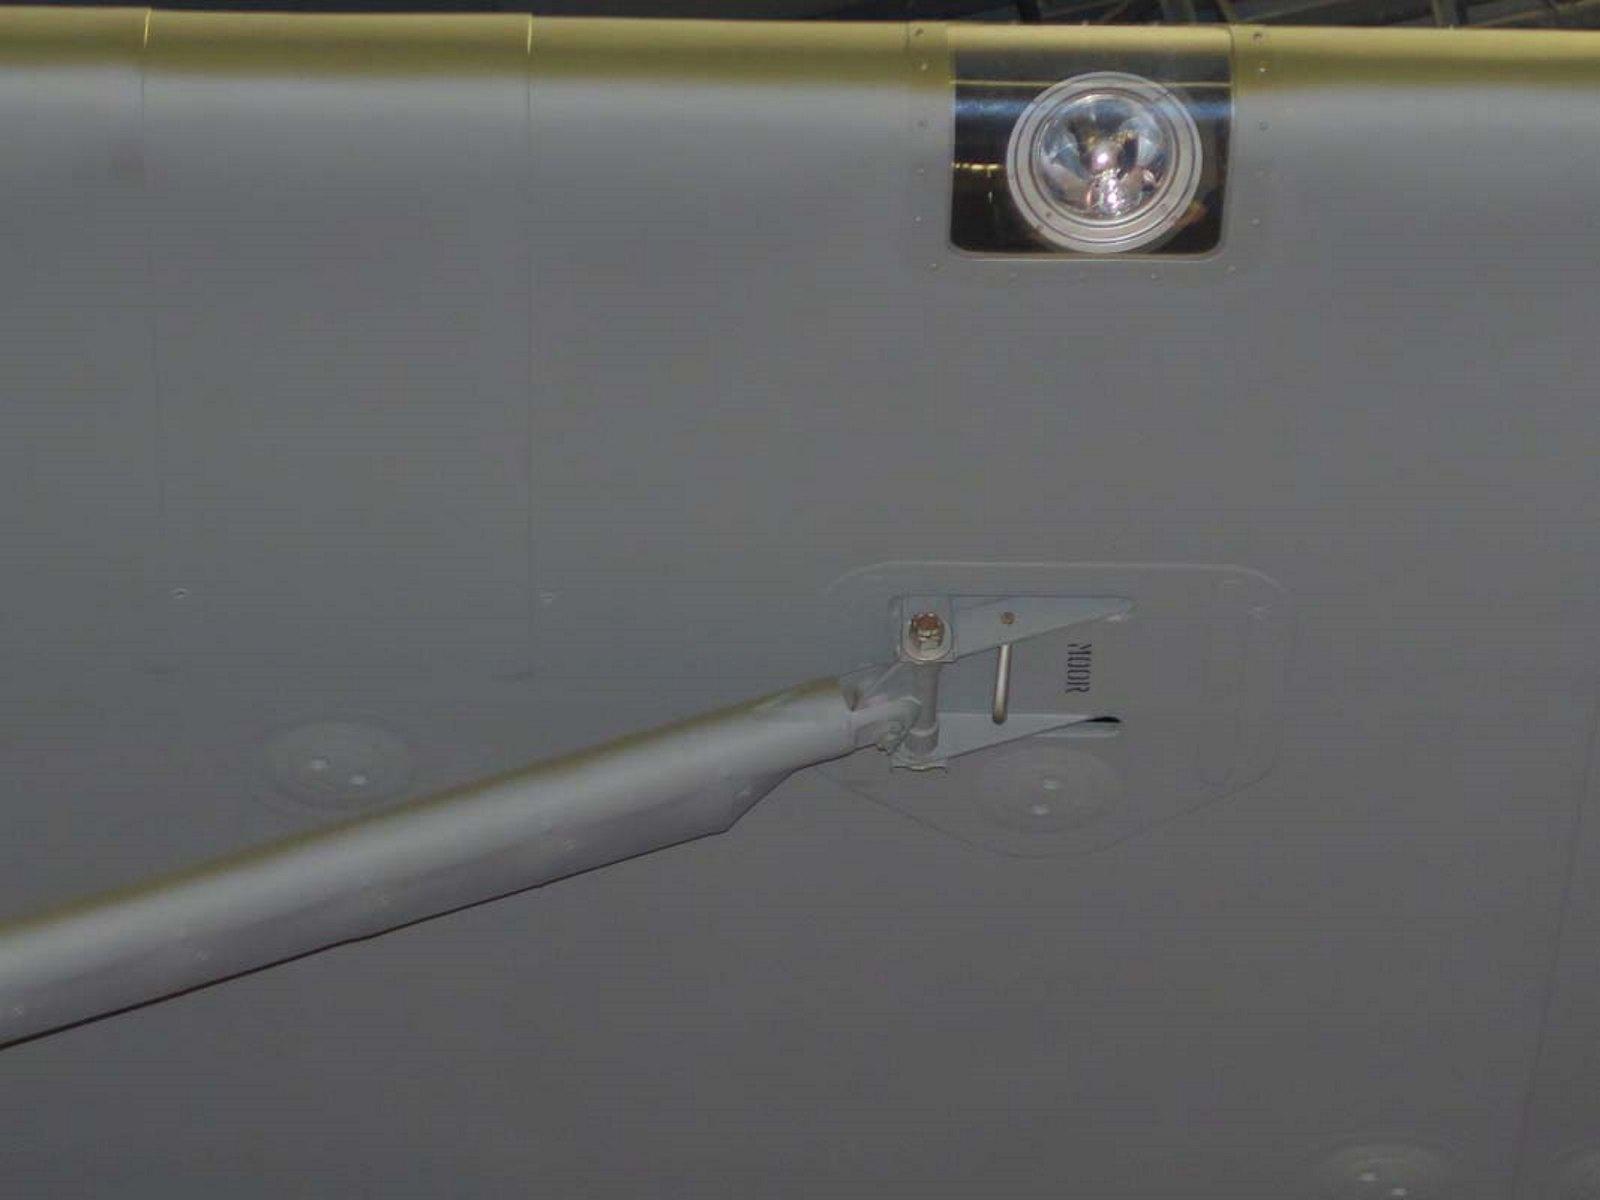 WACO CG-4A Haig 11